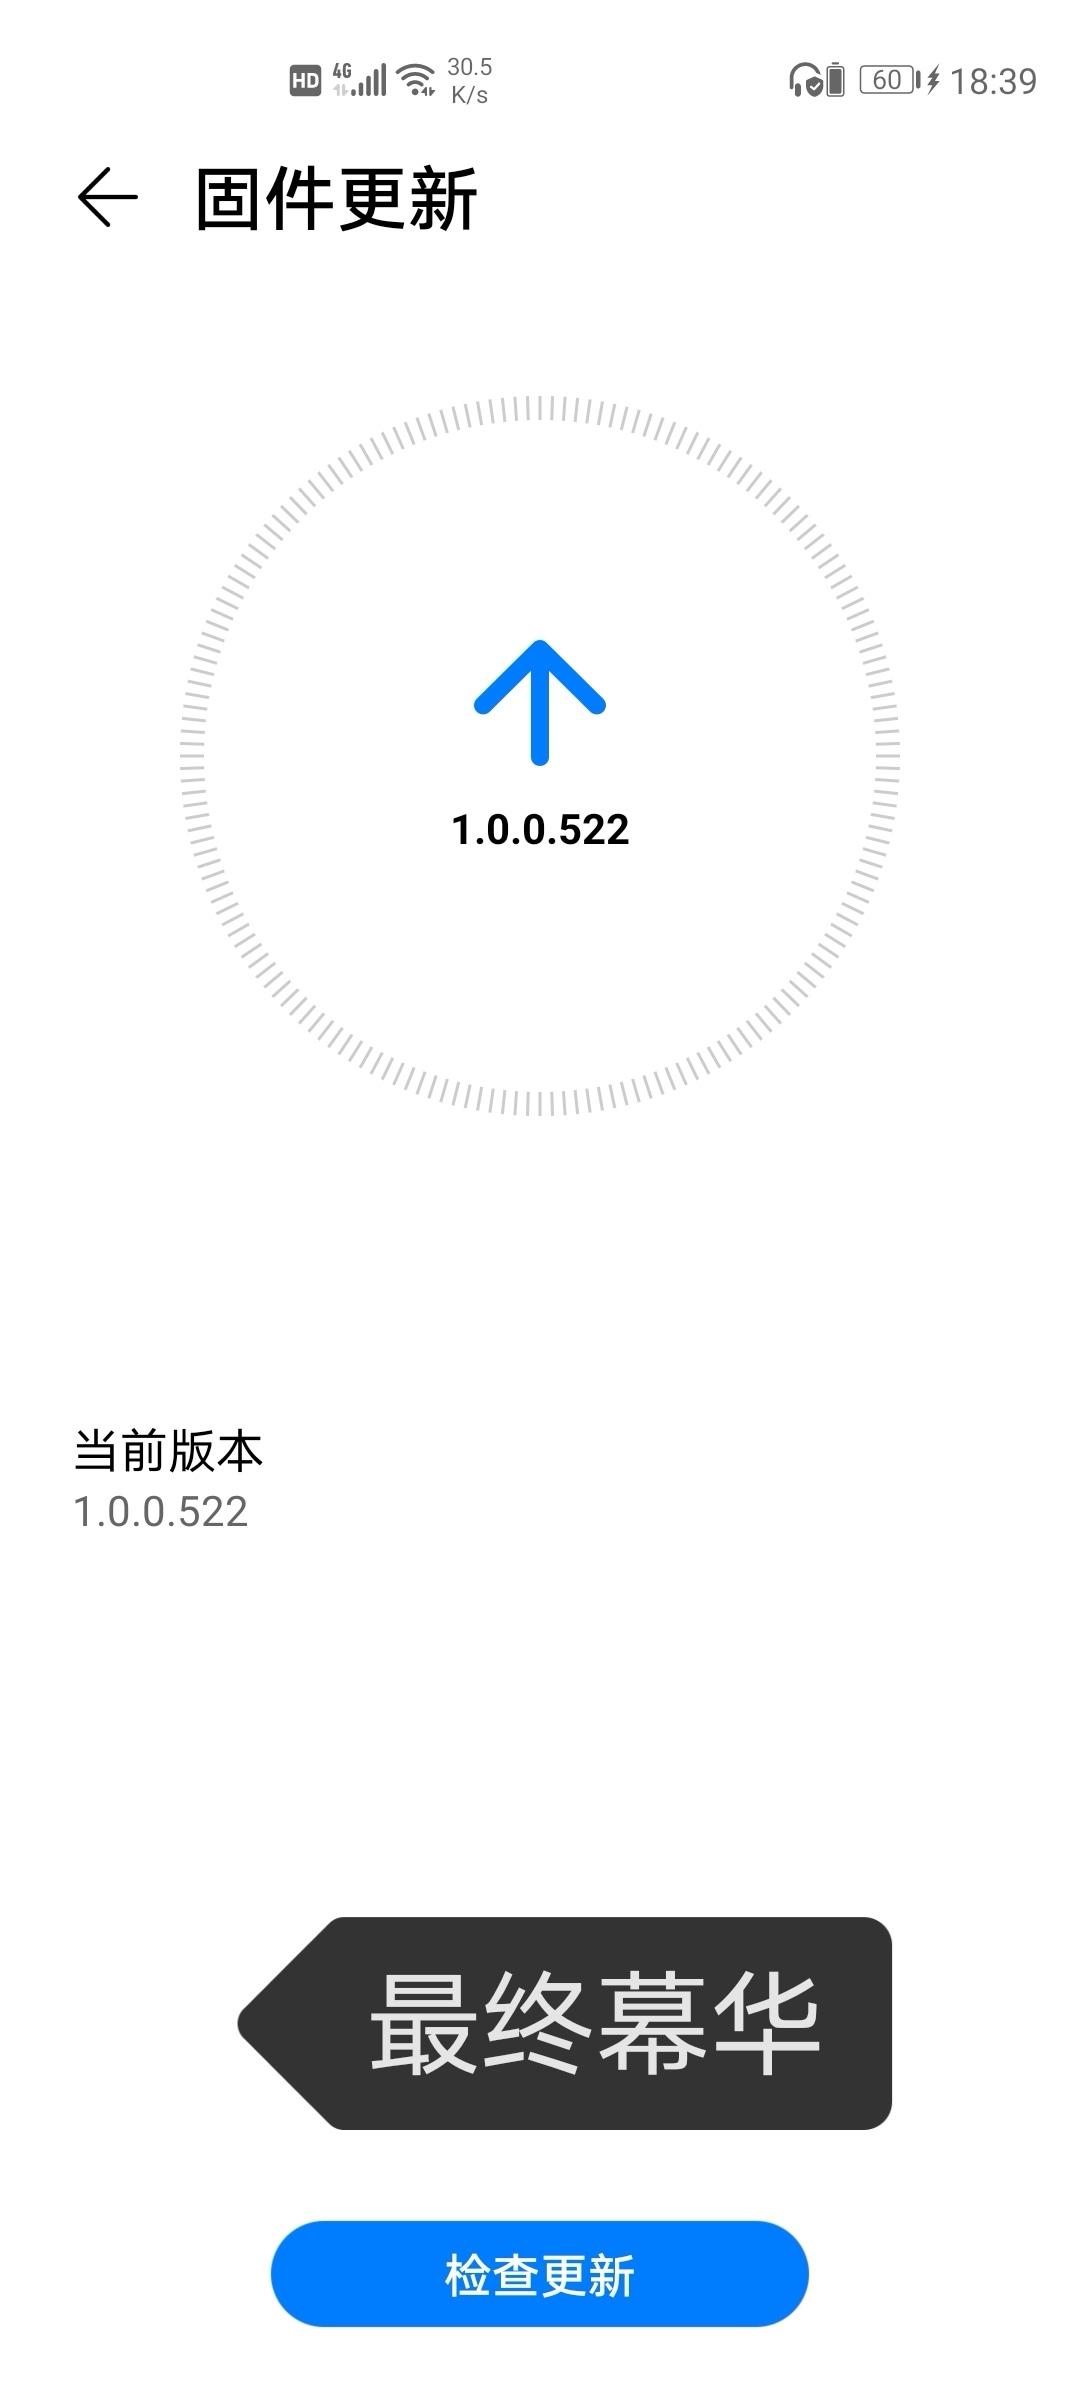 Screenshot_20200512_184205.jpg